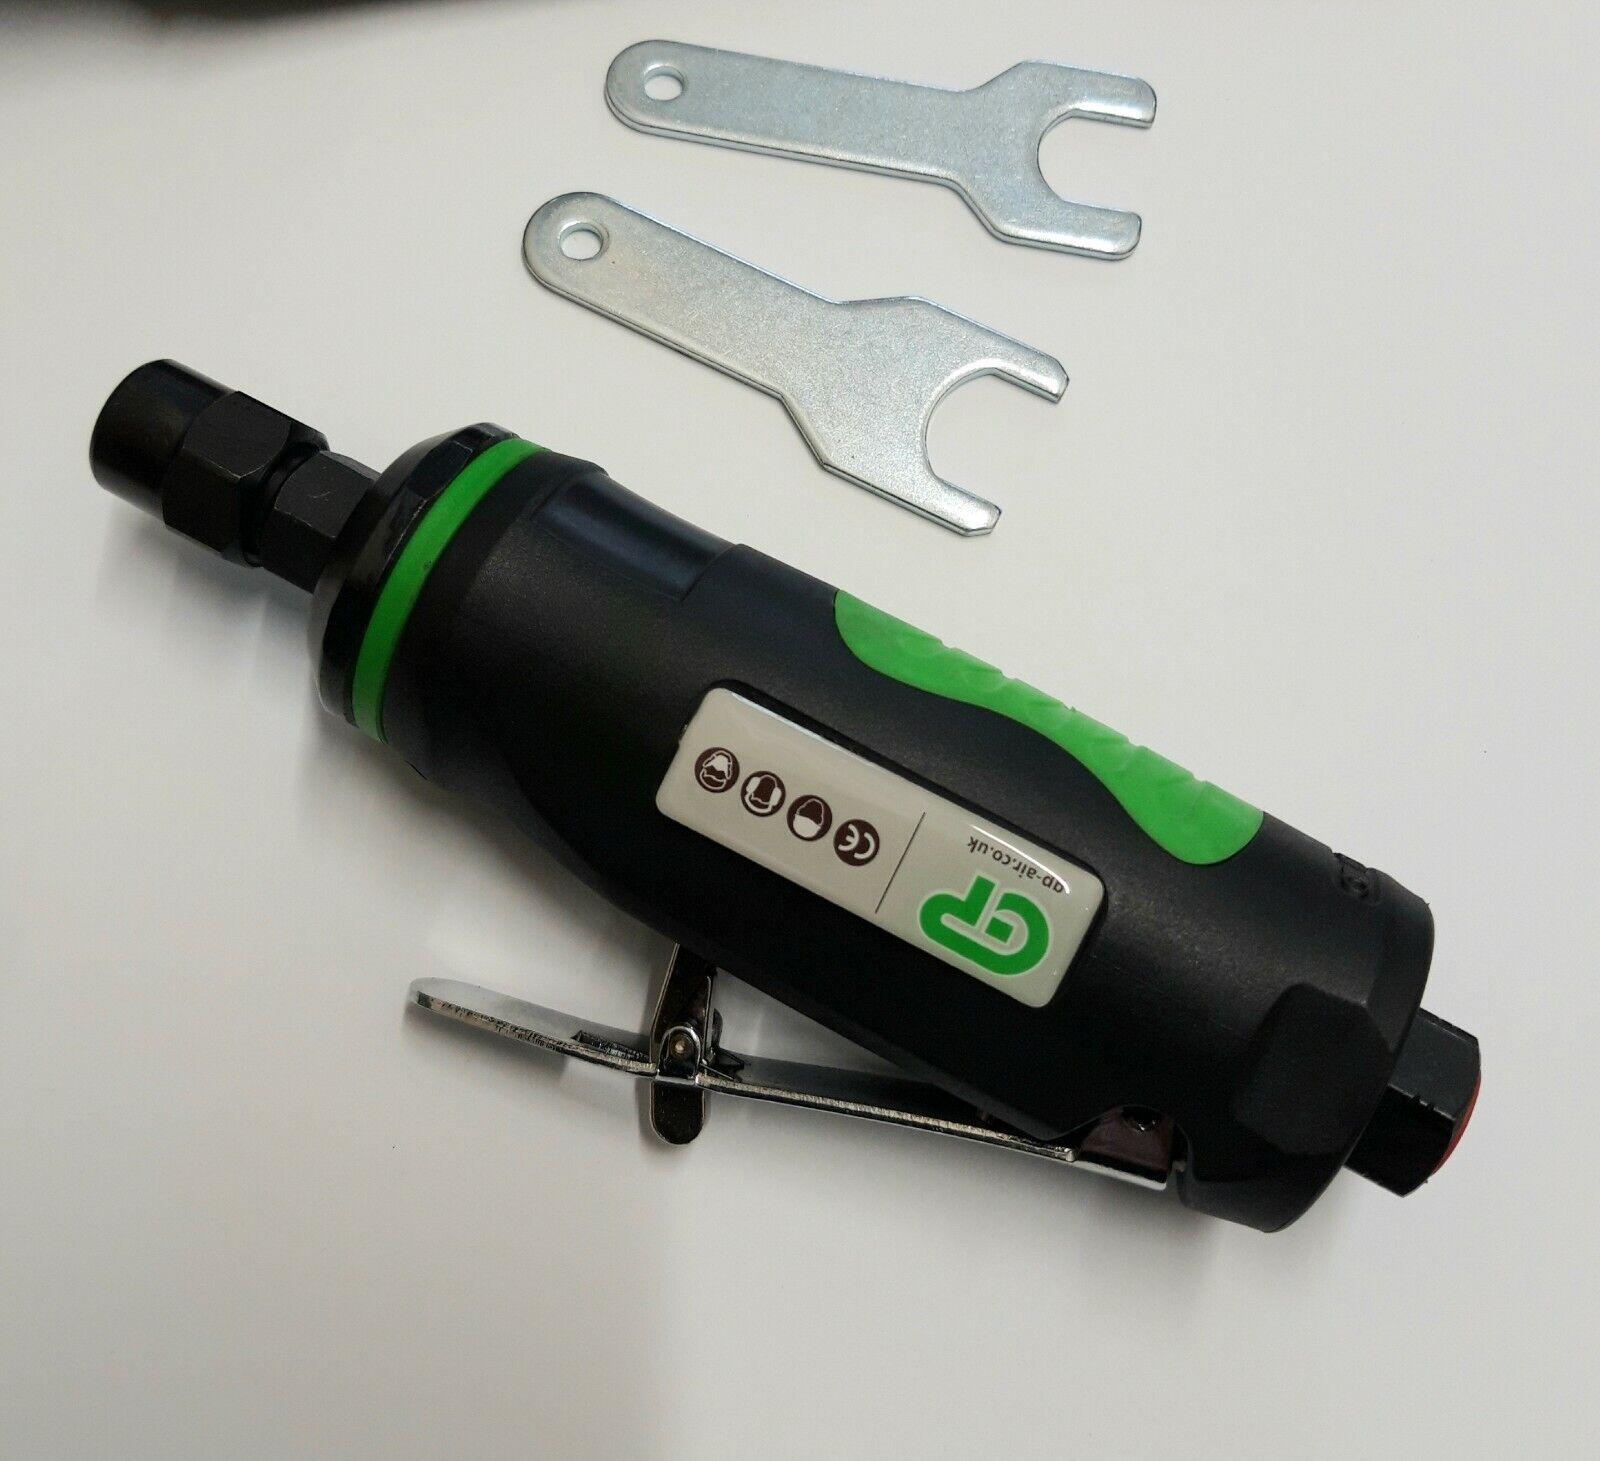 6mm Diameter Air Die Grinder Composite material 20,000 RPM, 1/4 BSP Inlet